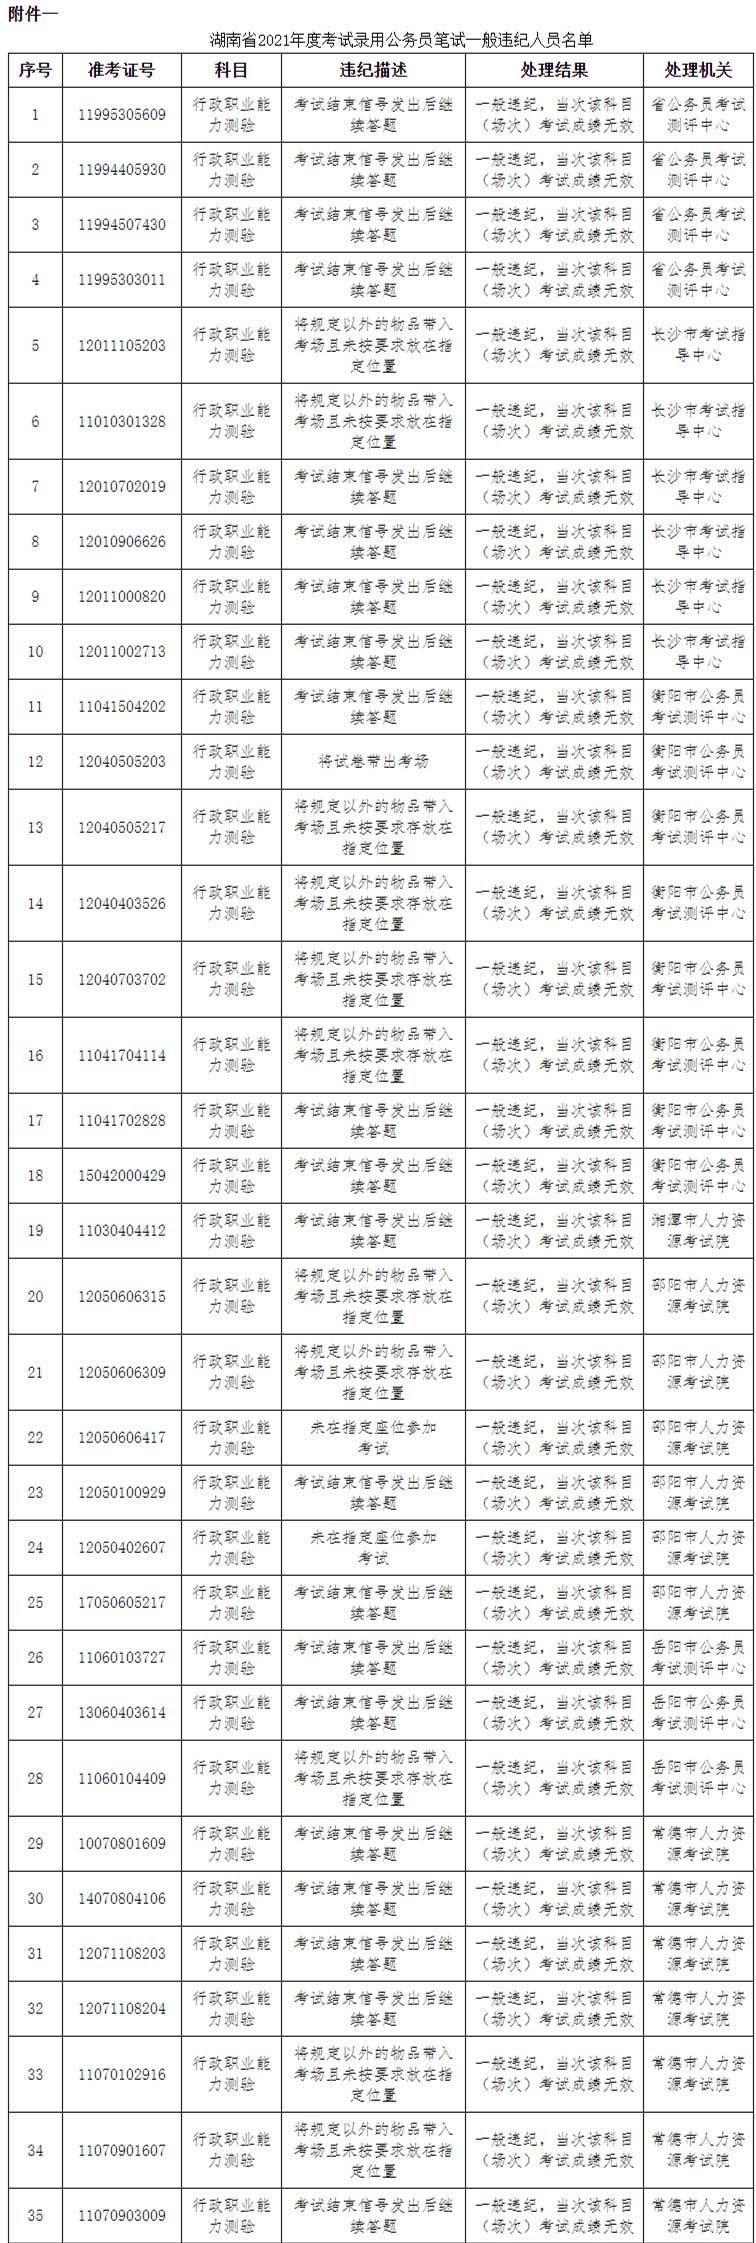 湖南公务员考试83人作弊被通报:73人违纪违规 10人答卷雷同